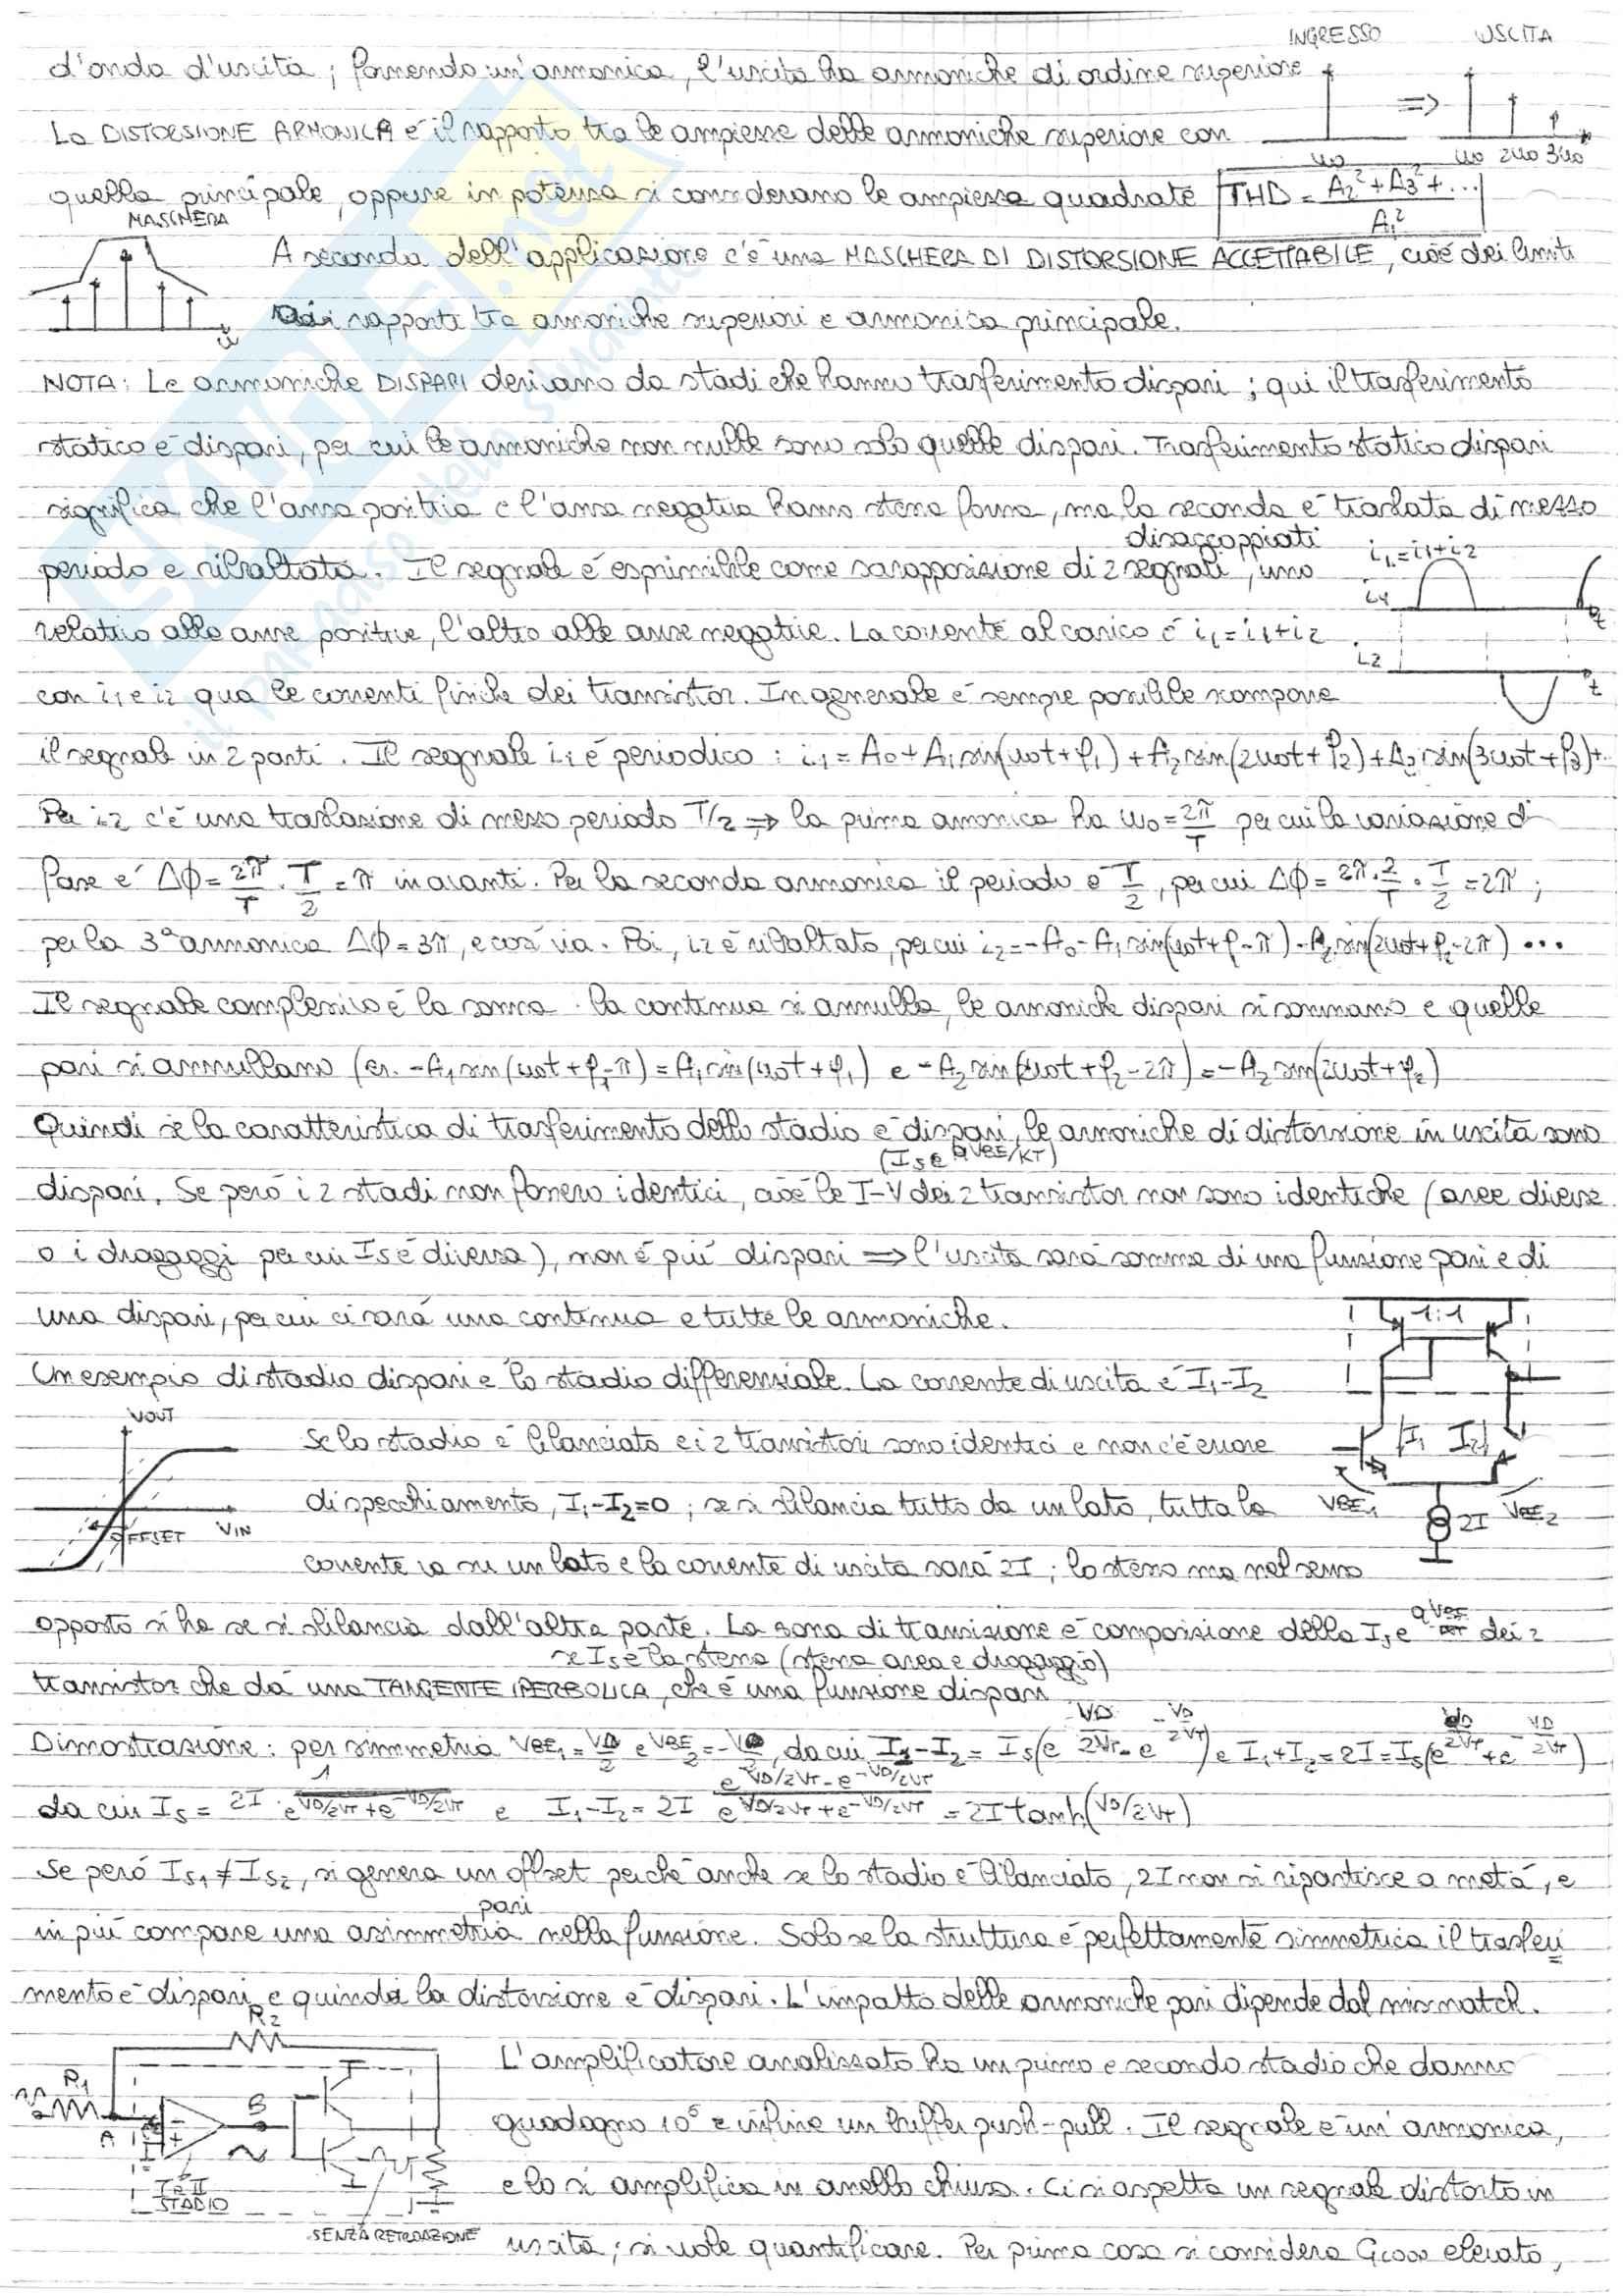 Progettazione Elettronica - Corso completo Pag. 36